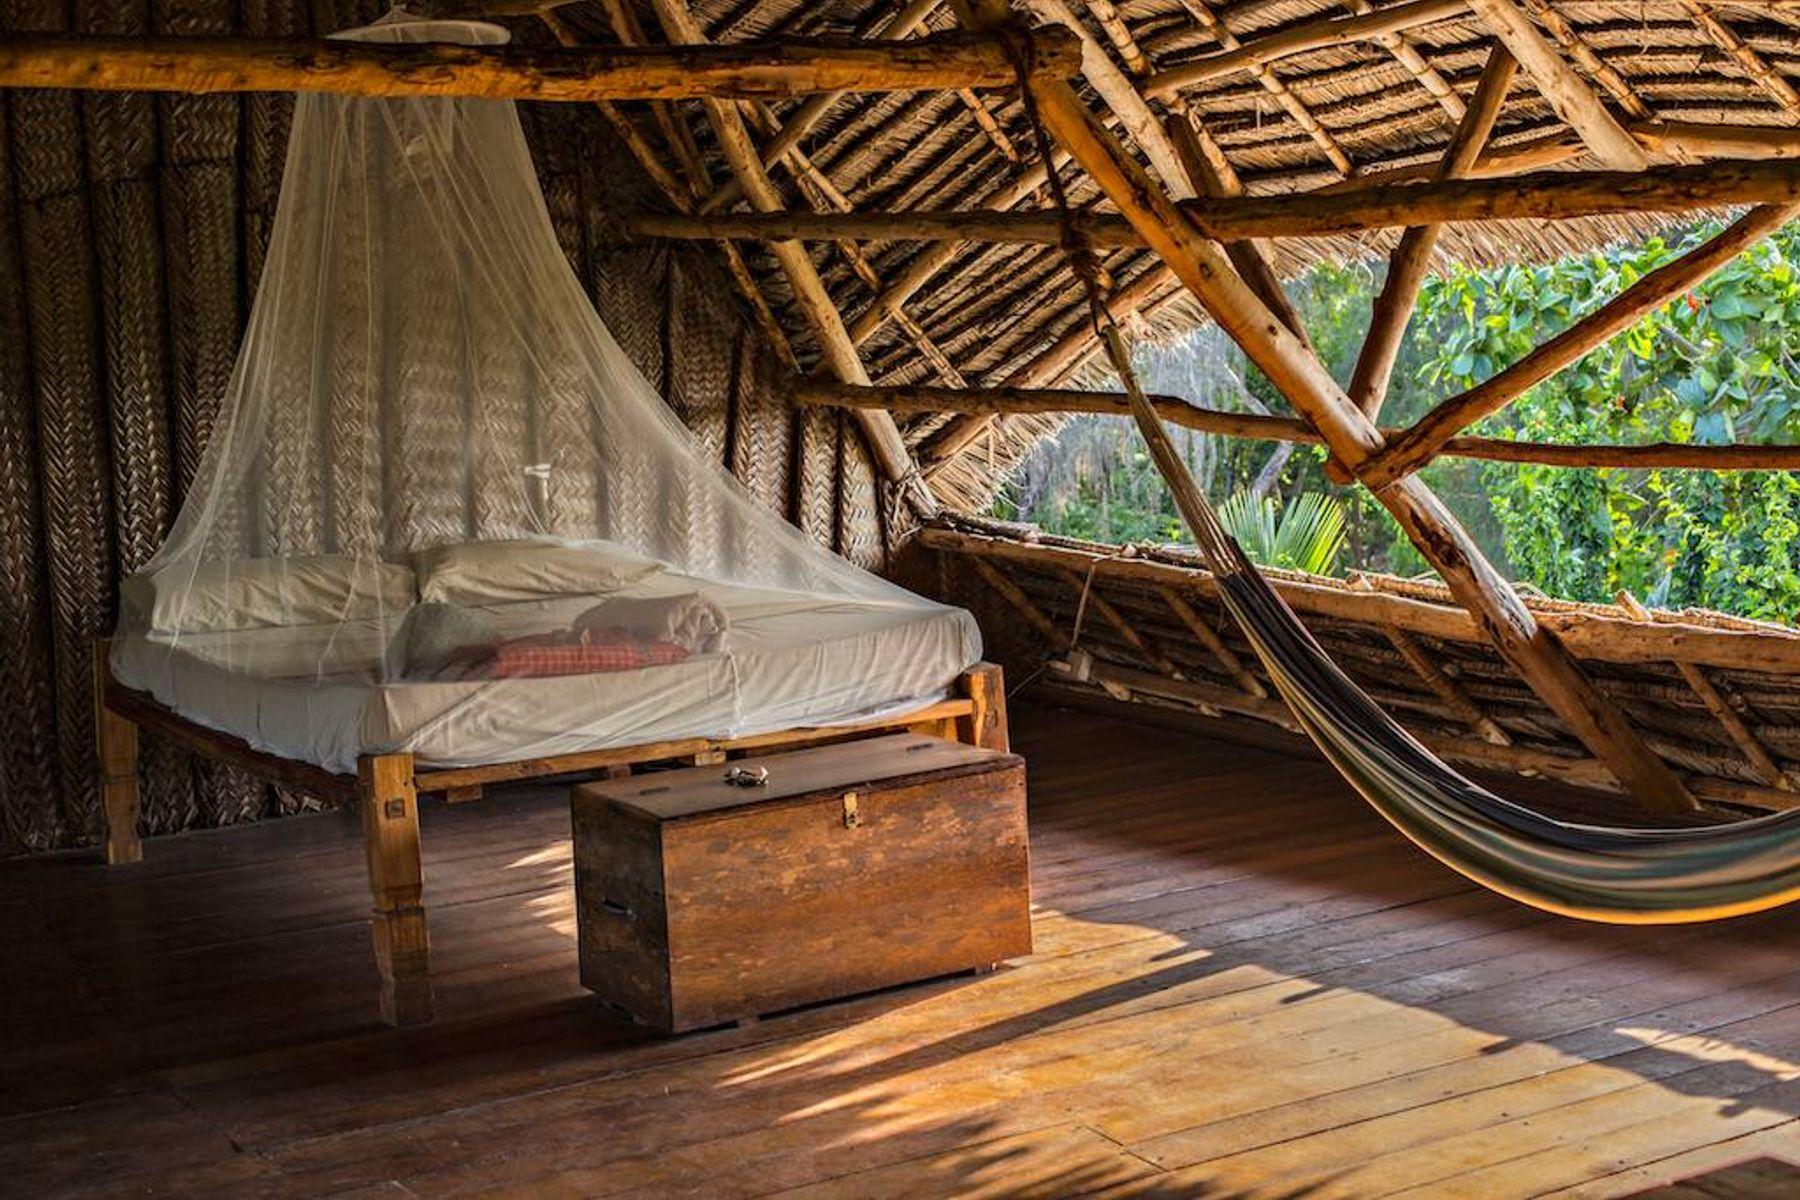 Tempat tidur dengan kelambu